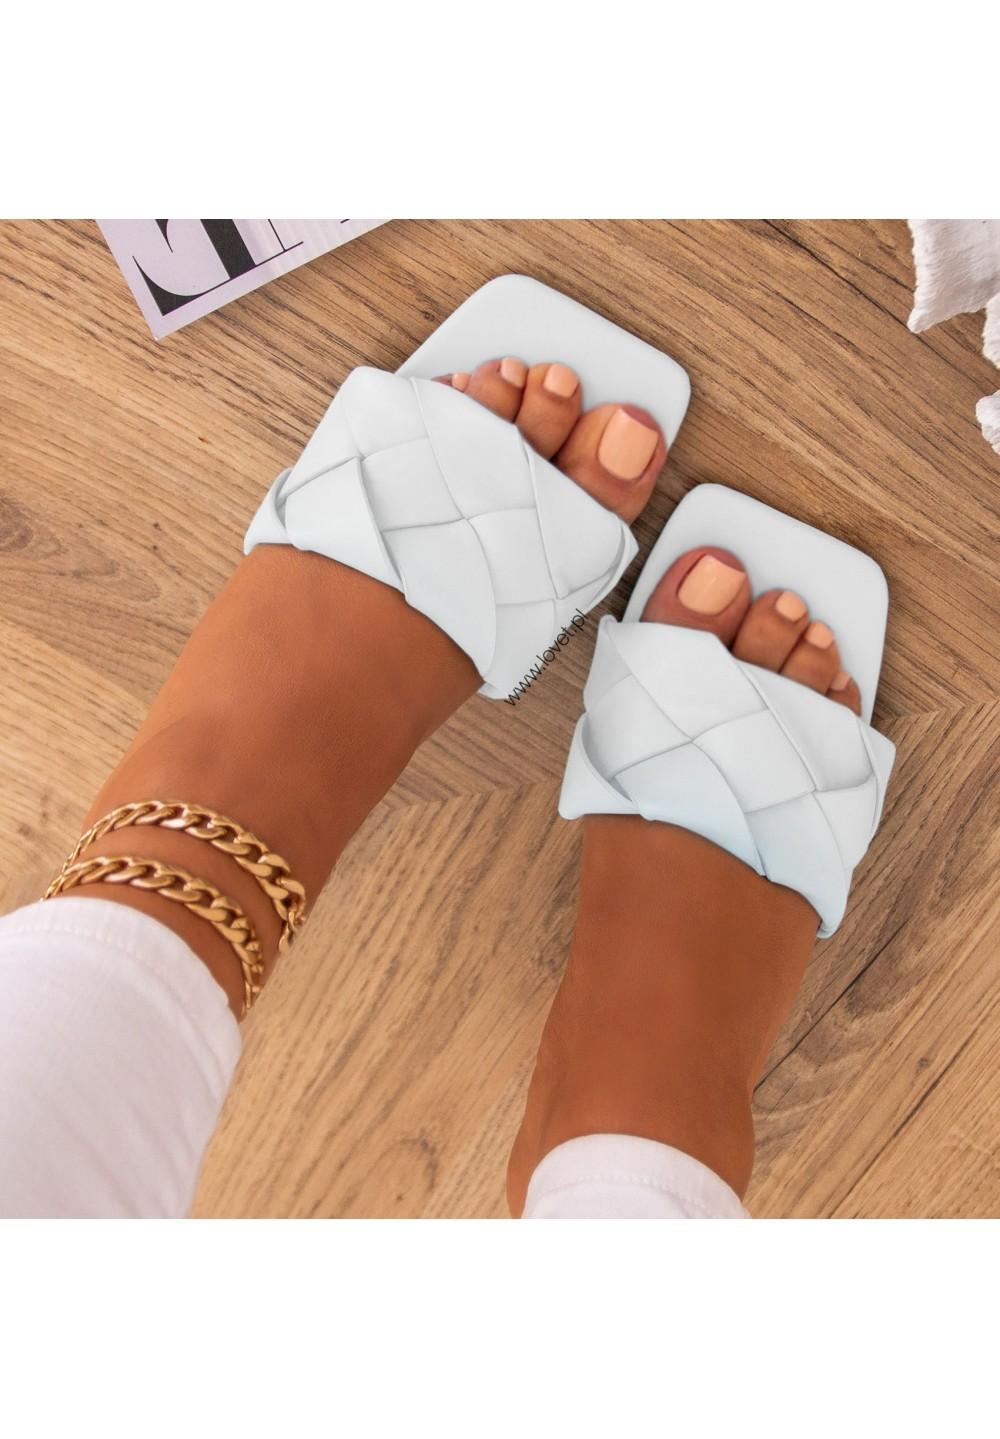 Klapki Białe Plecione Kenza Heels